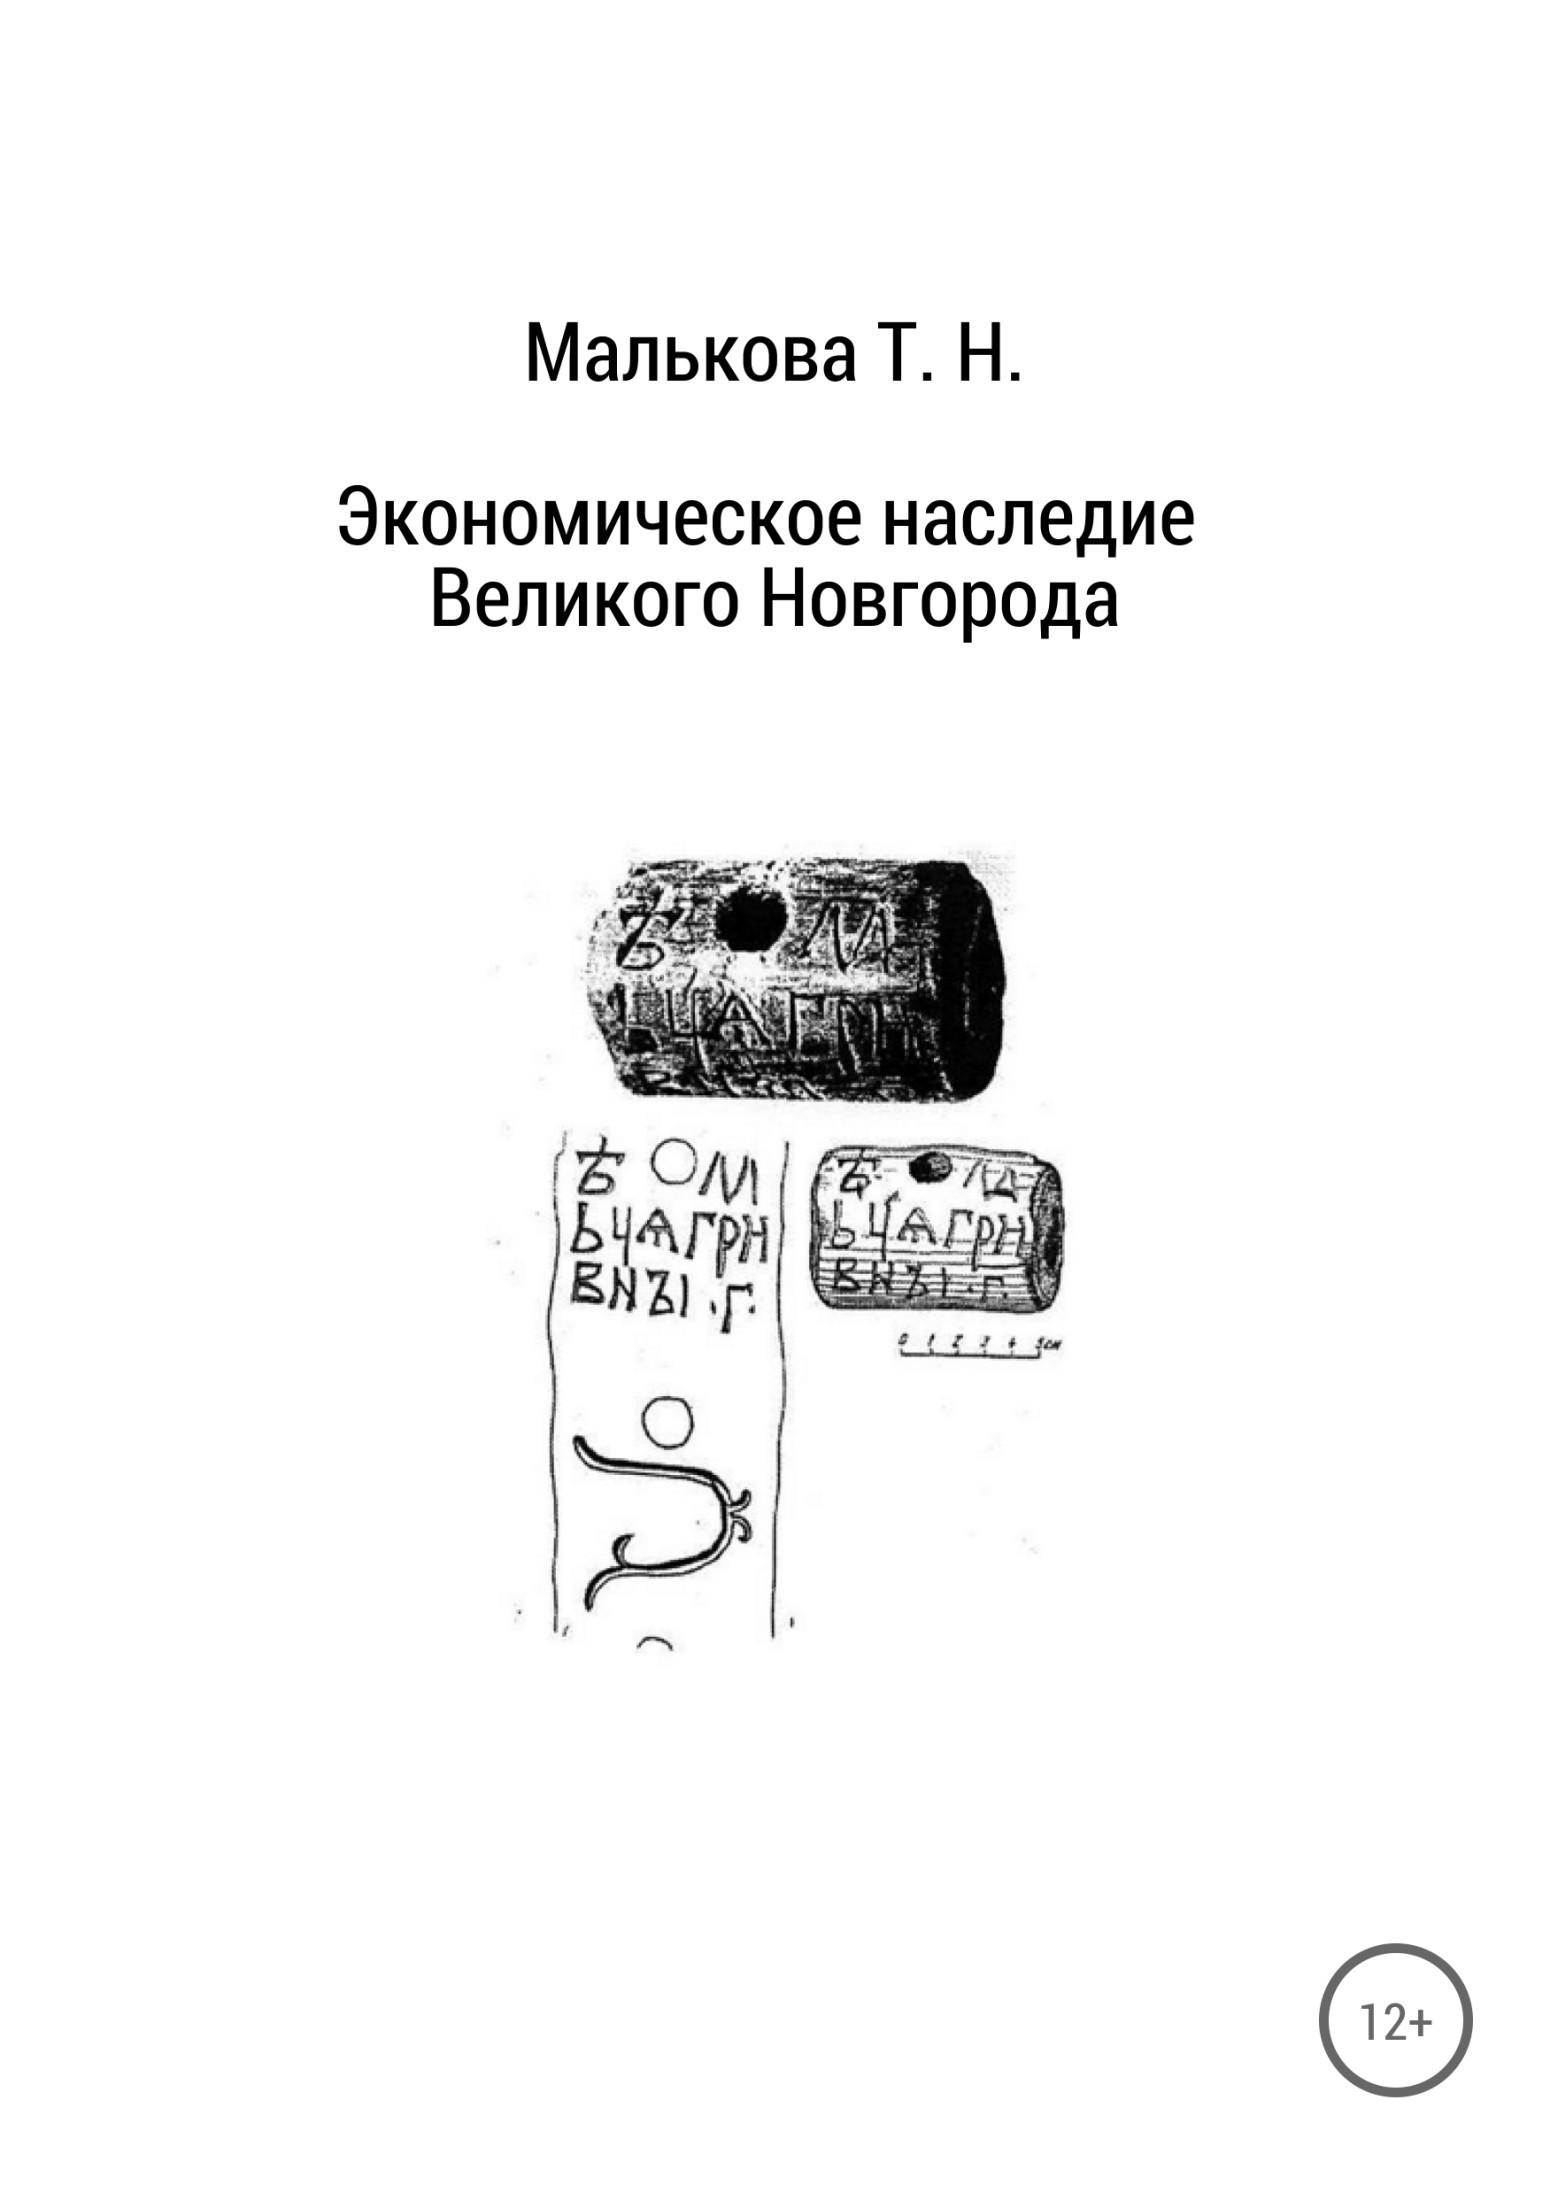 фото обложки издания Экономическое наследие Великого Новгорода